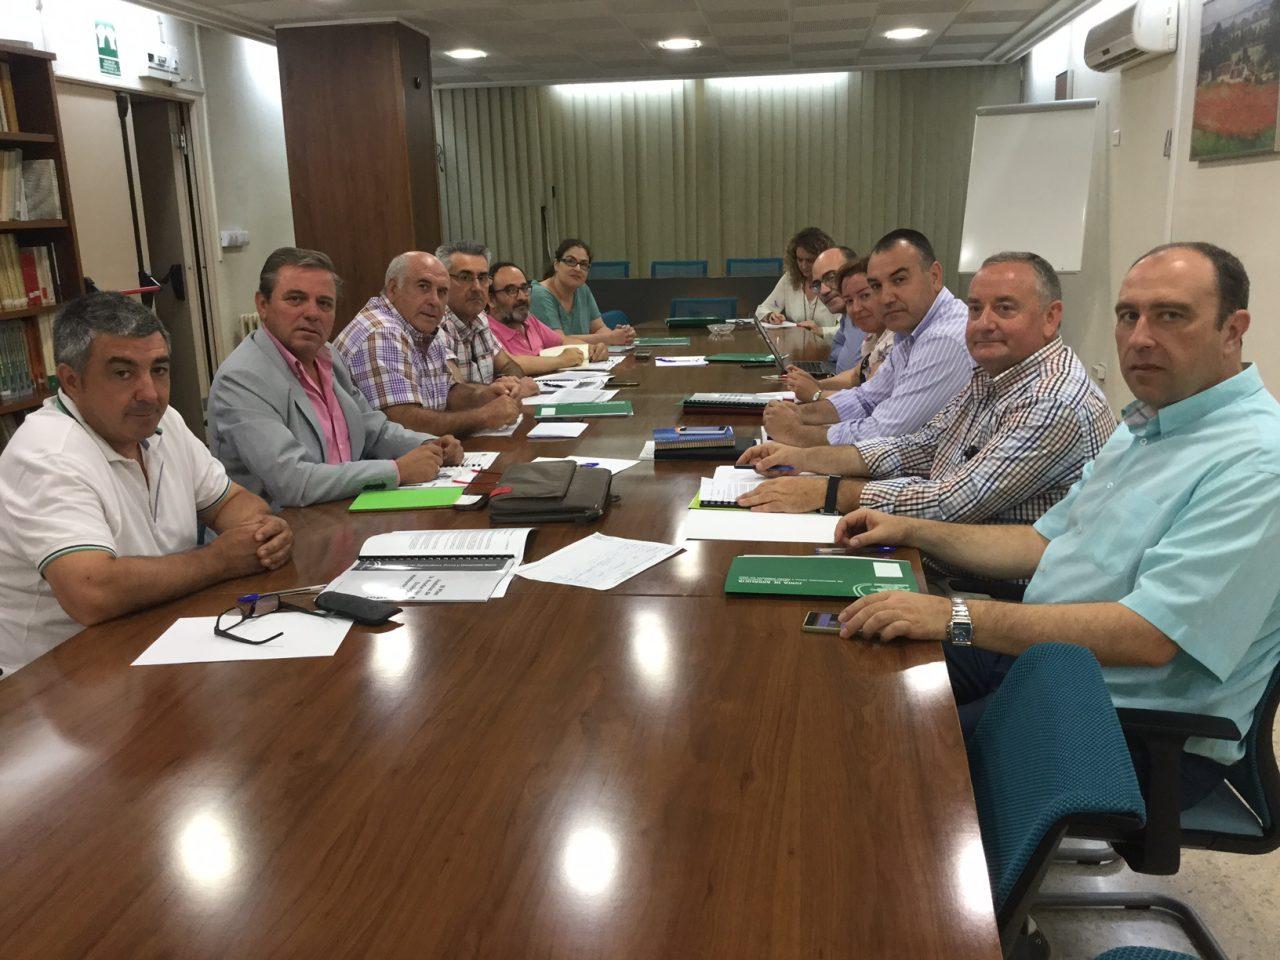 La Junta impulsa la constitución de la Mesa Provincial de Producción Ecológica